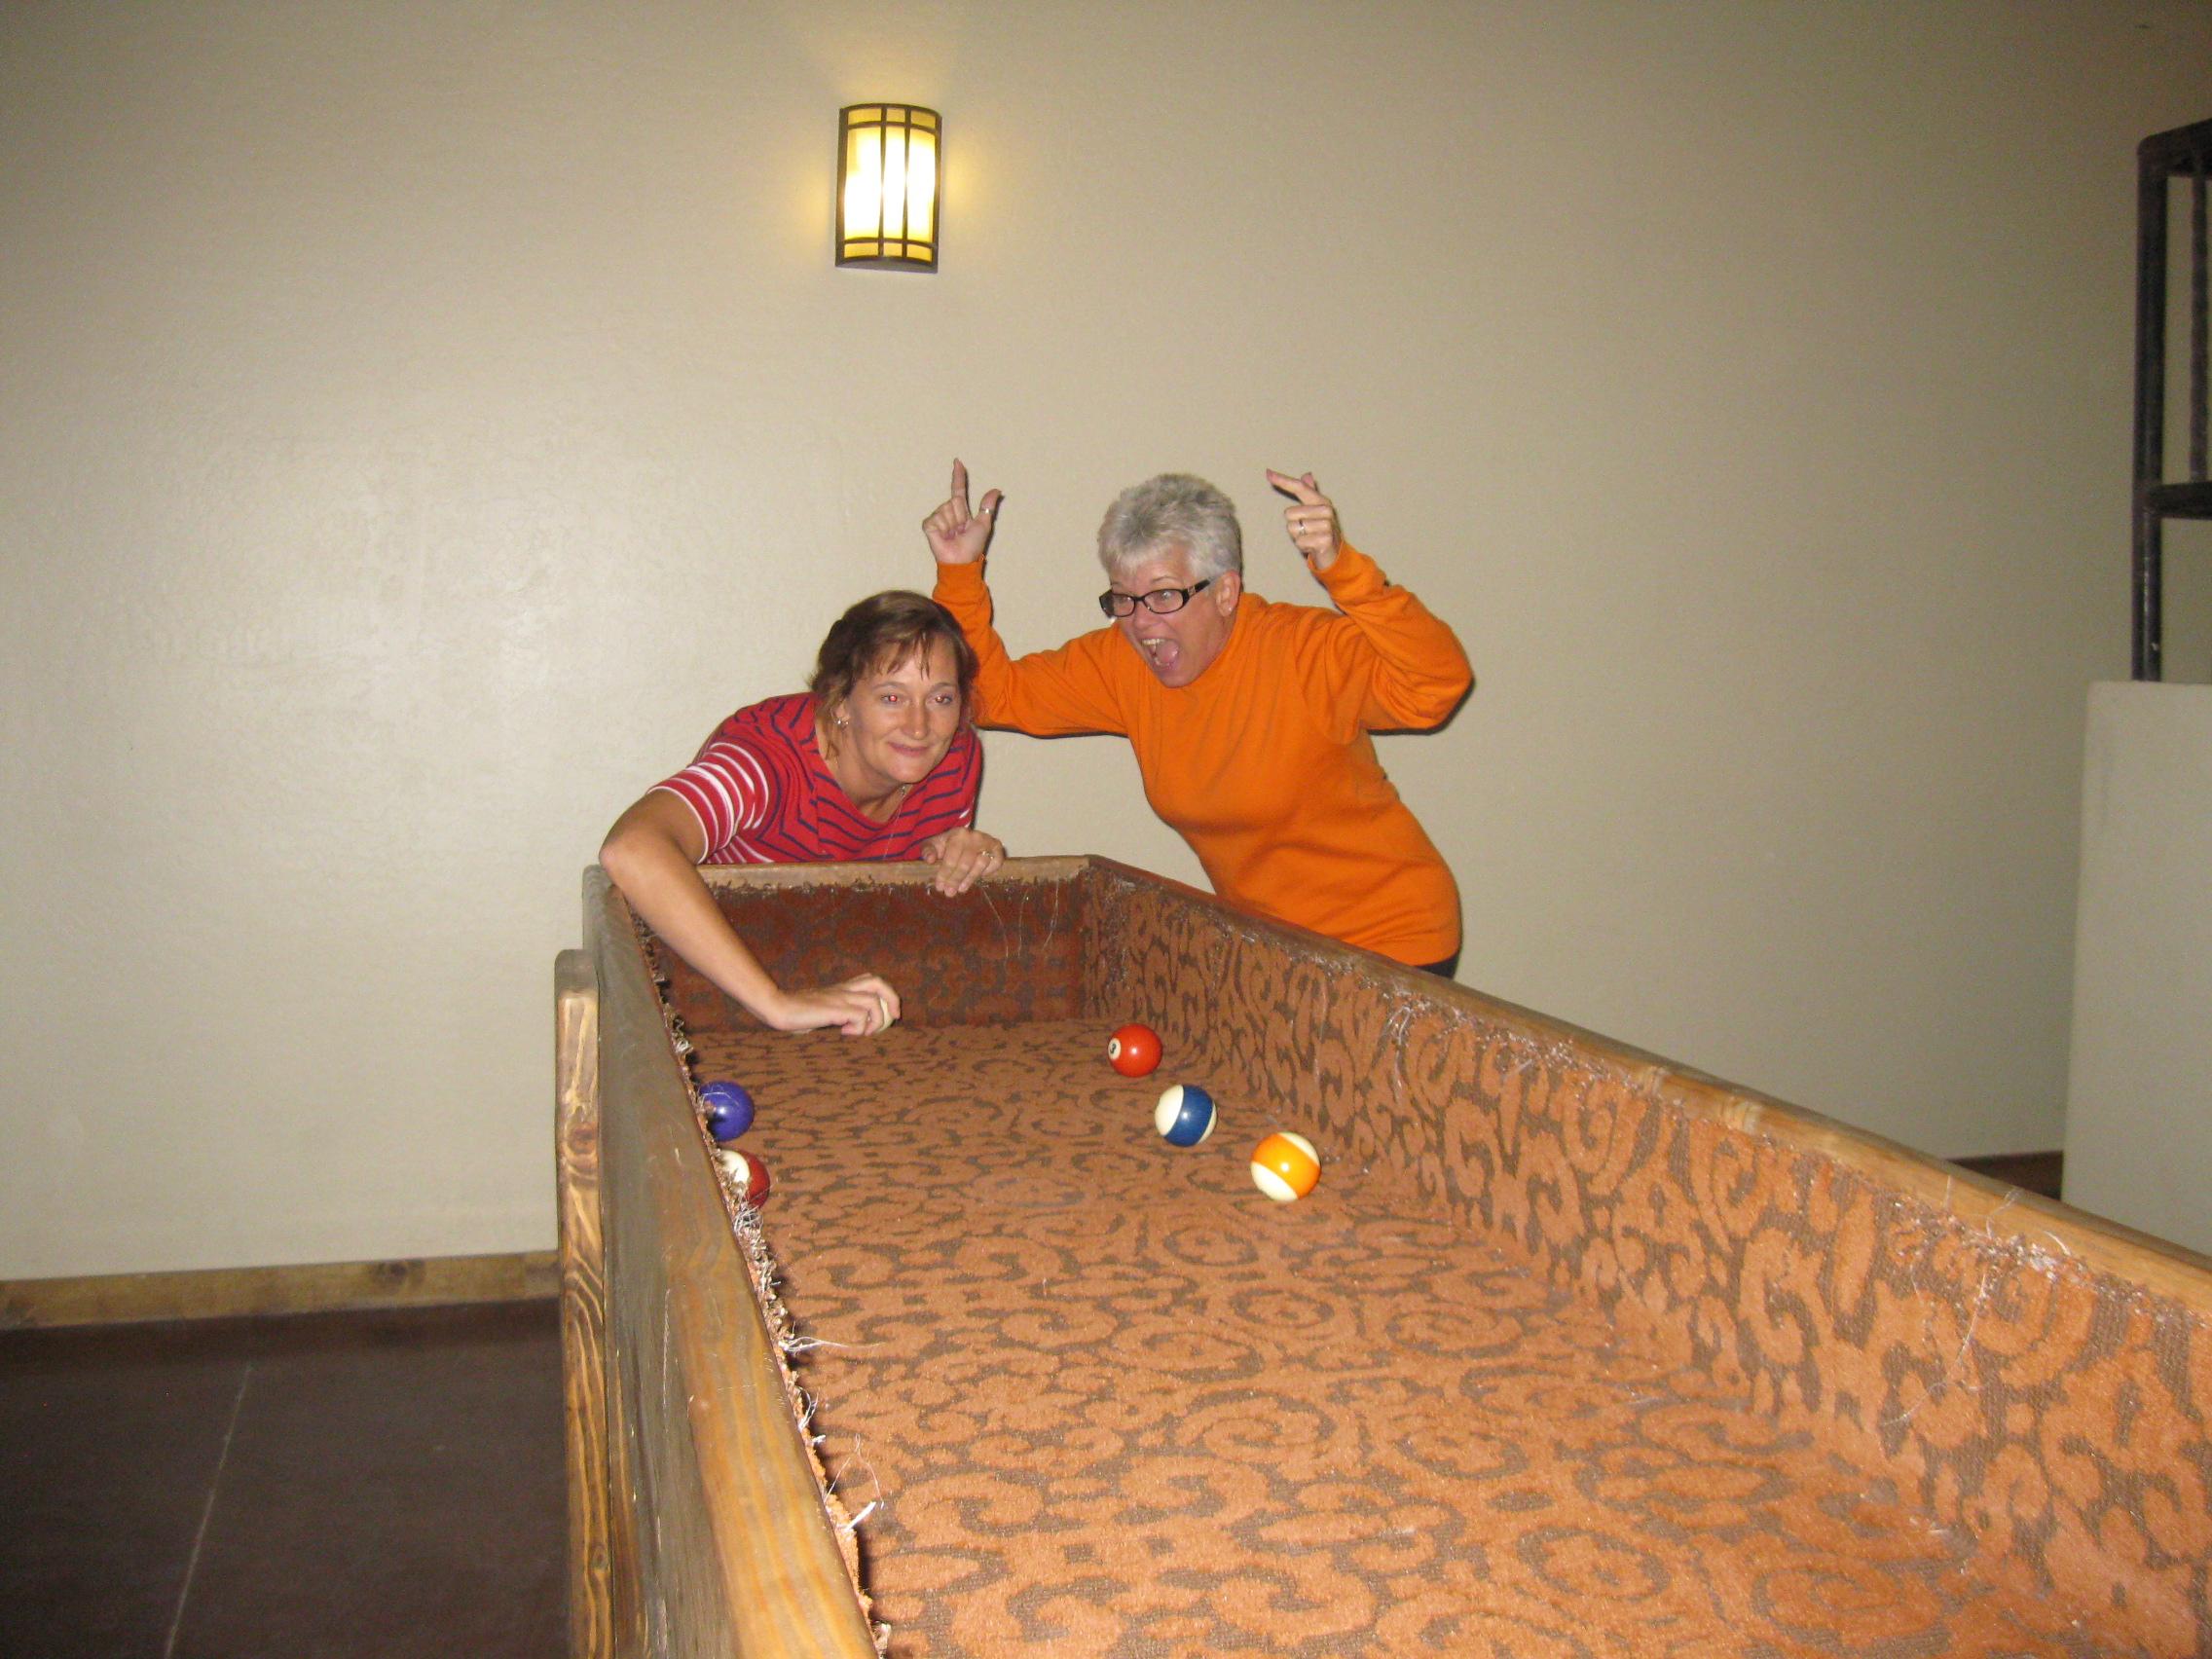 Carpet Ball Power